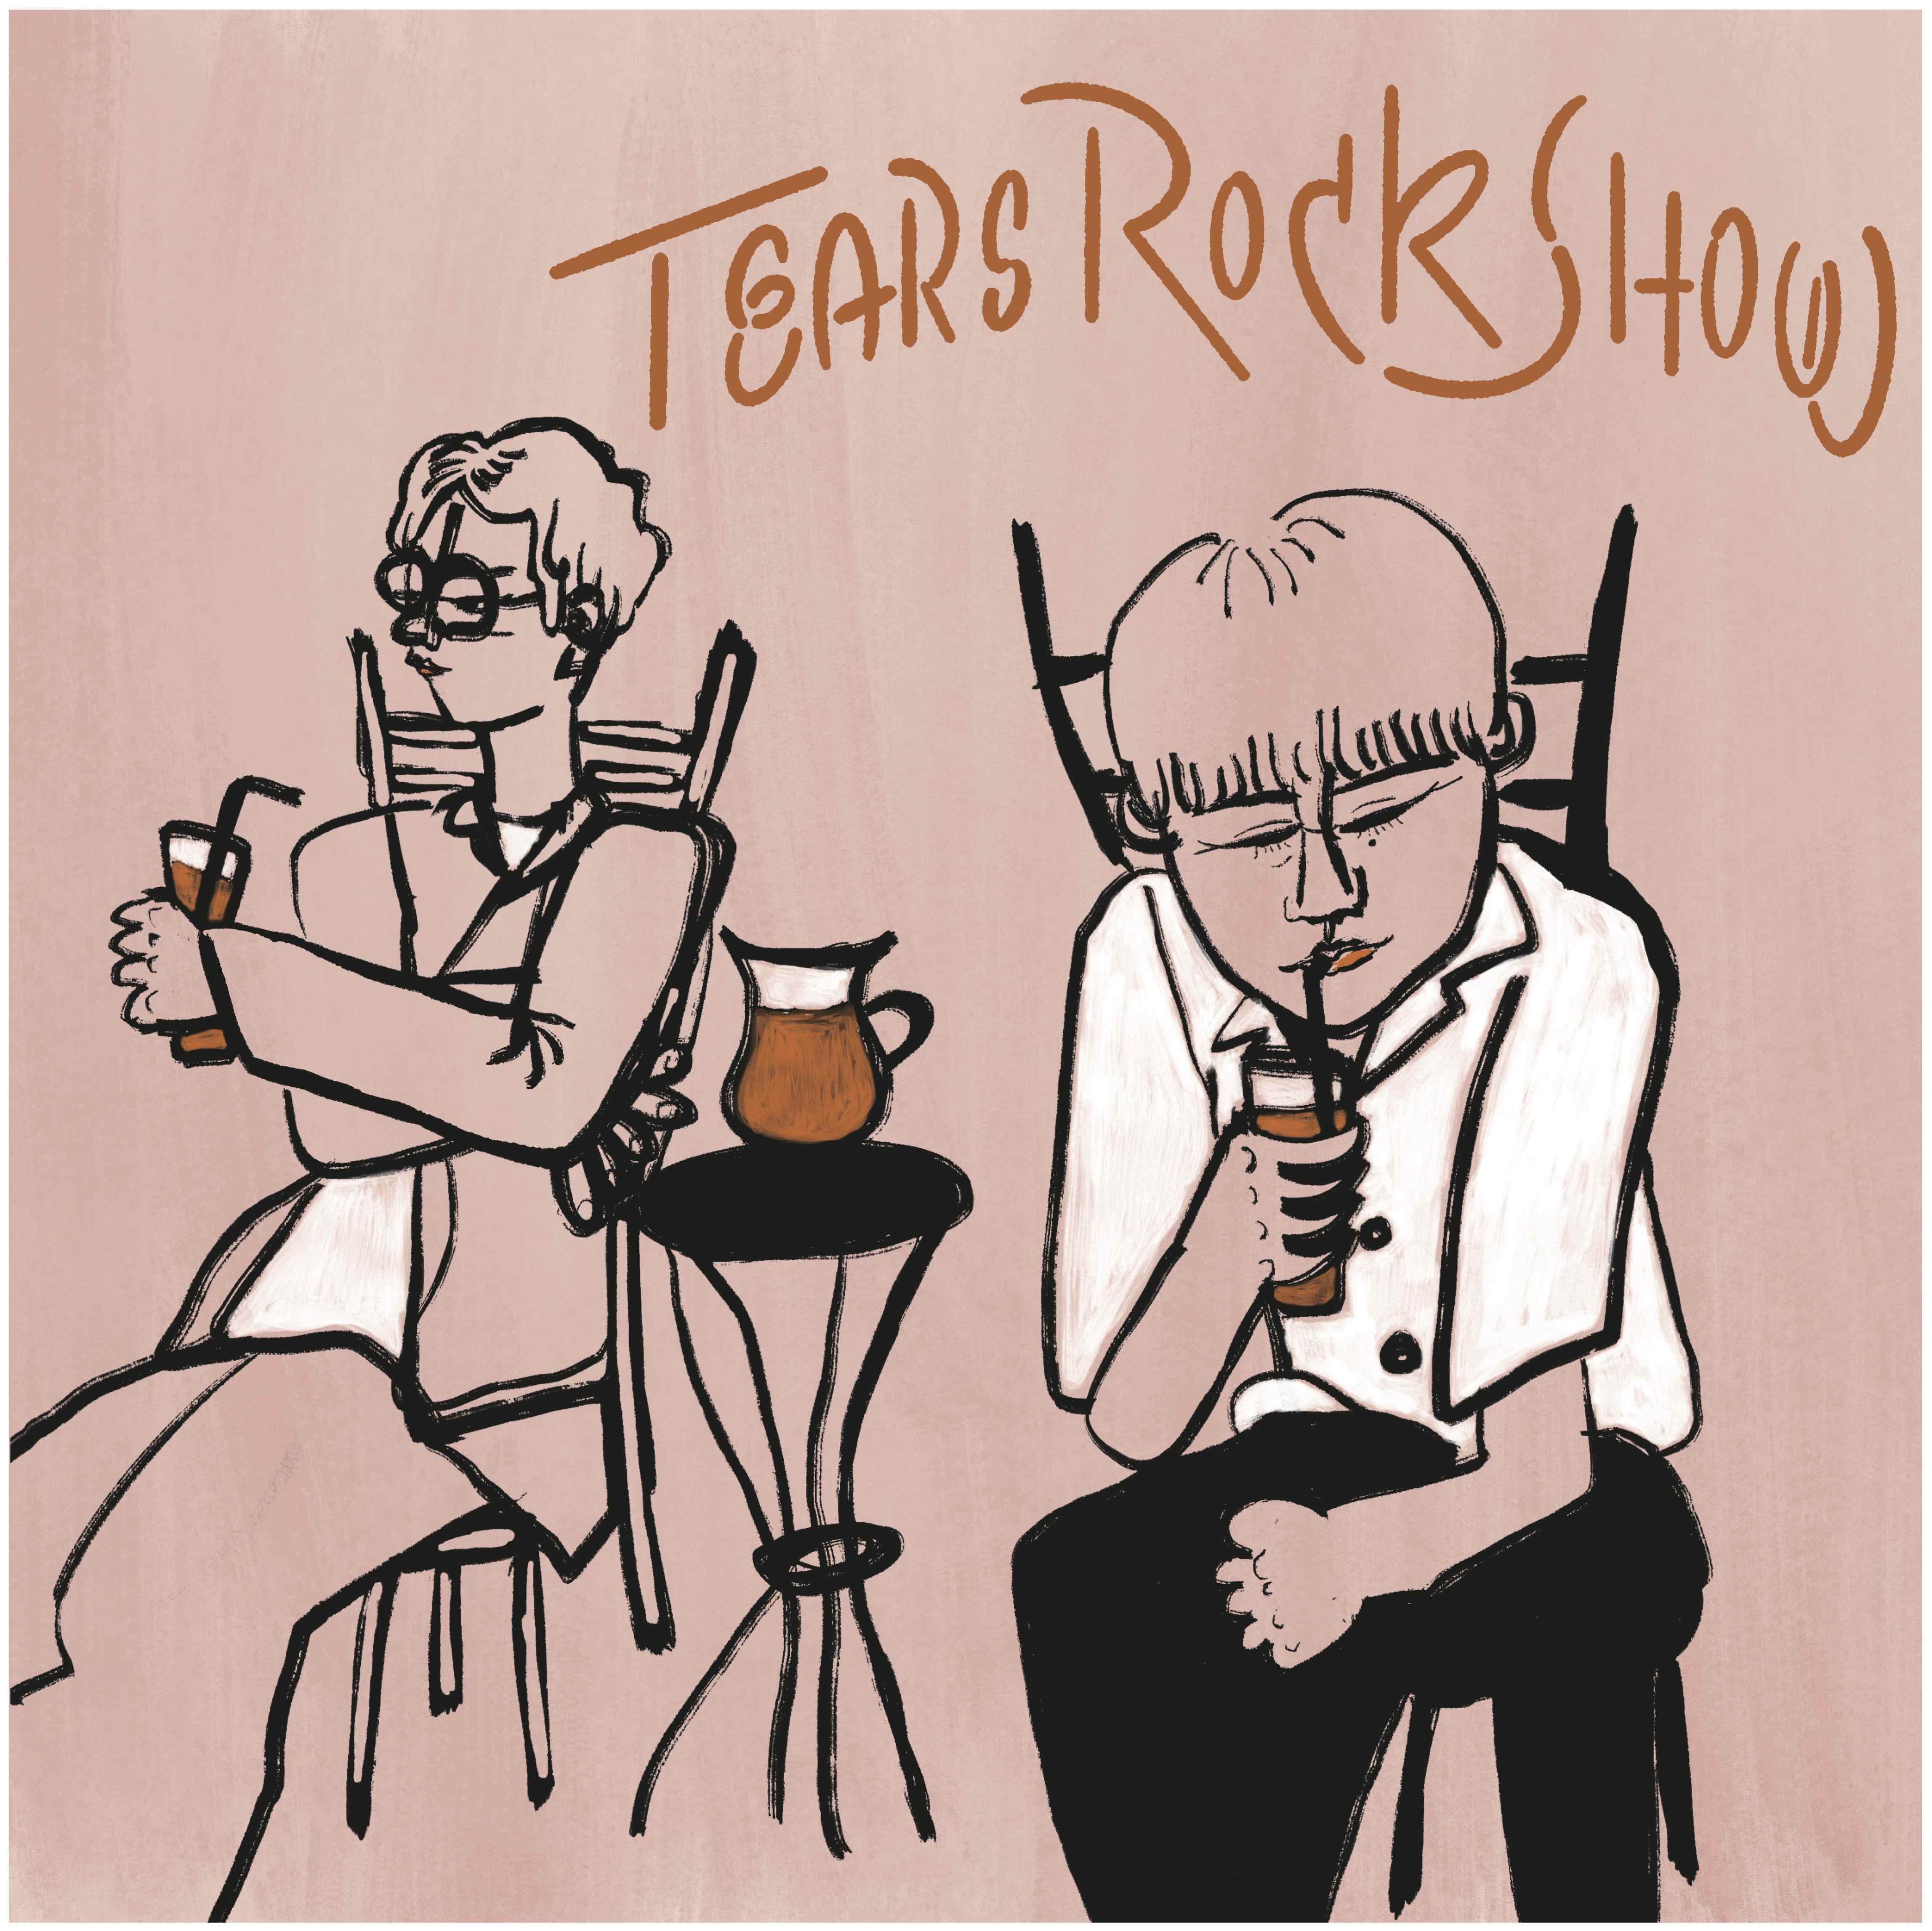 リ・ファンデと奇妙礼太郎「Tears Rock Show」440編